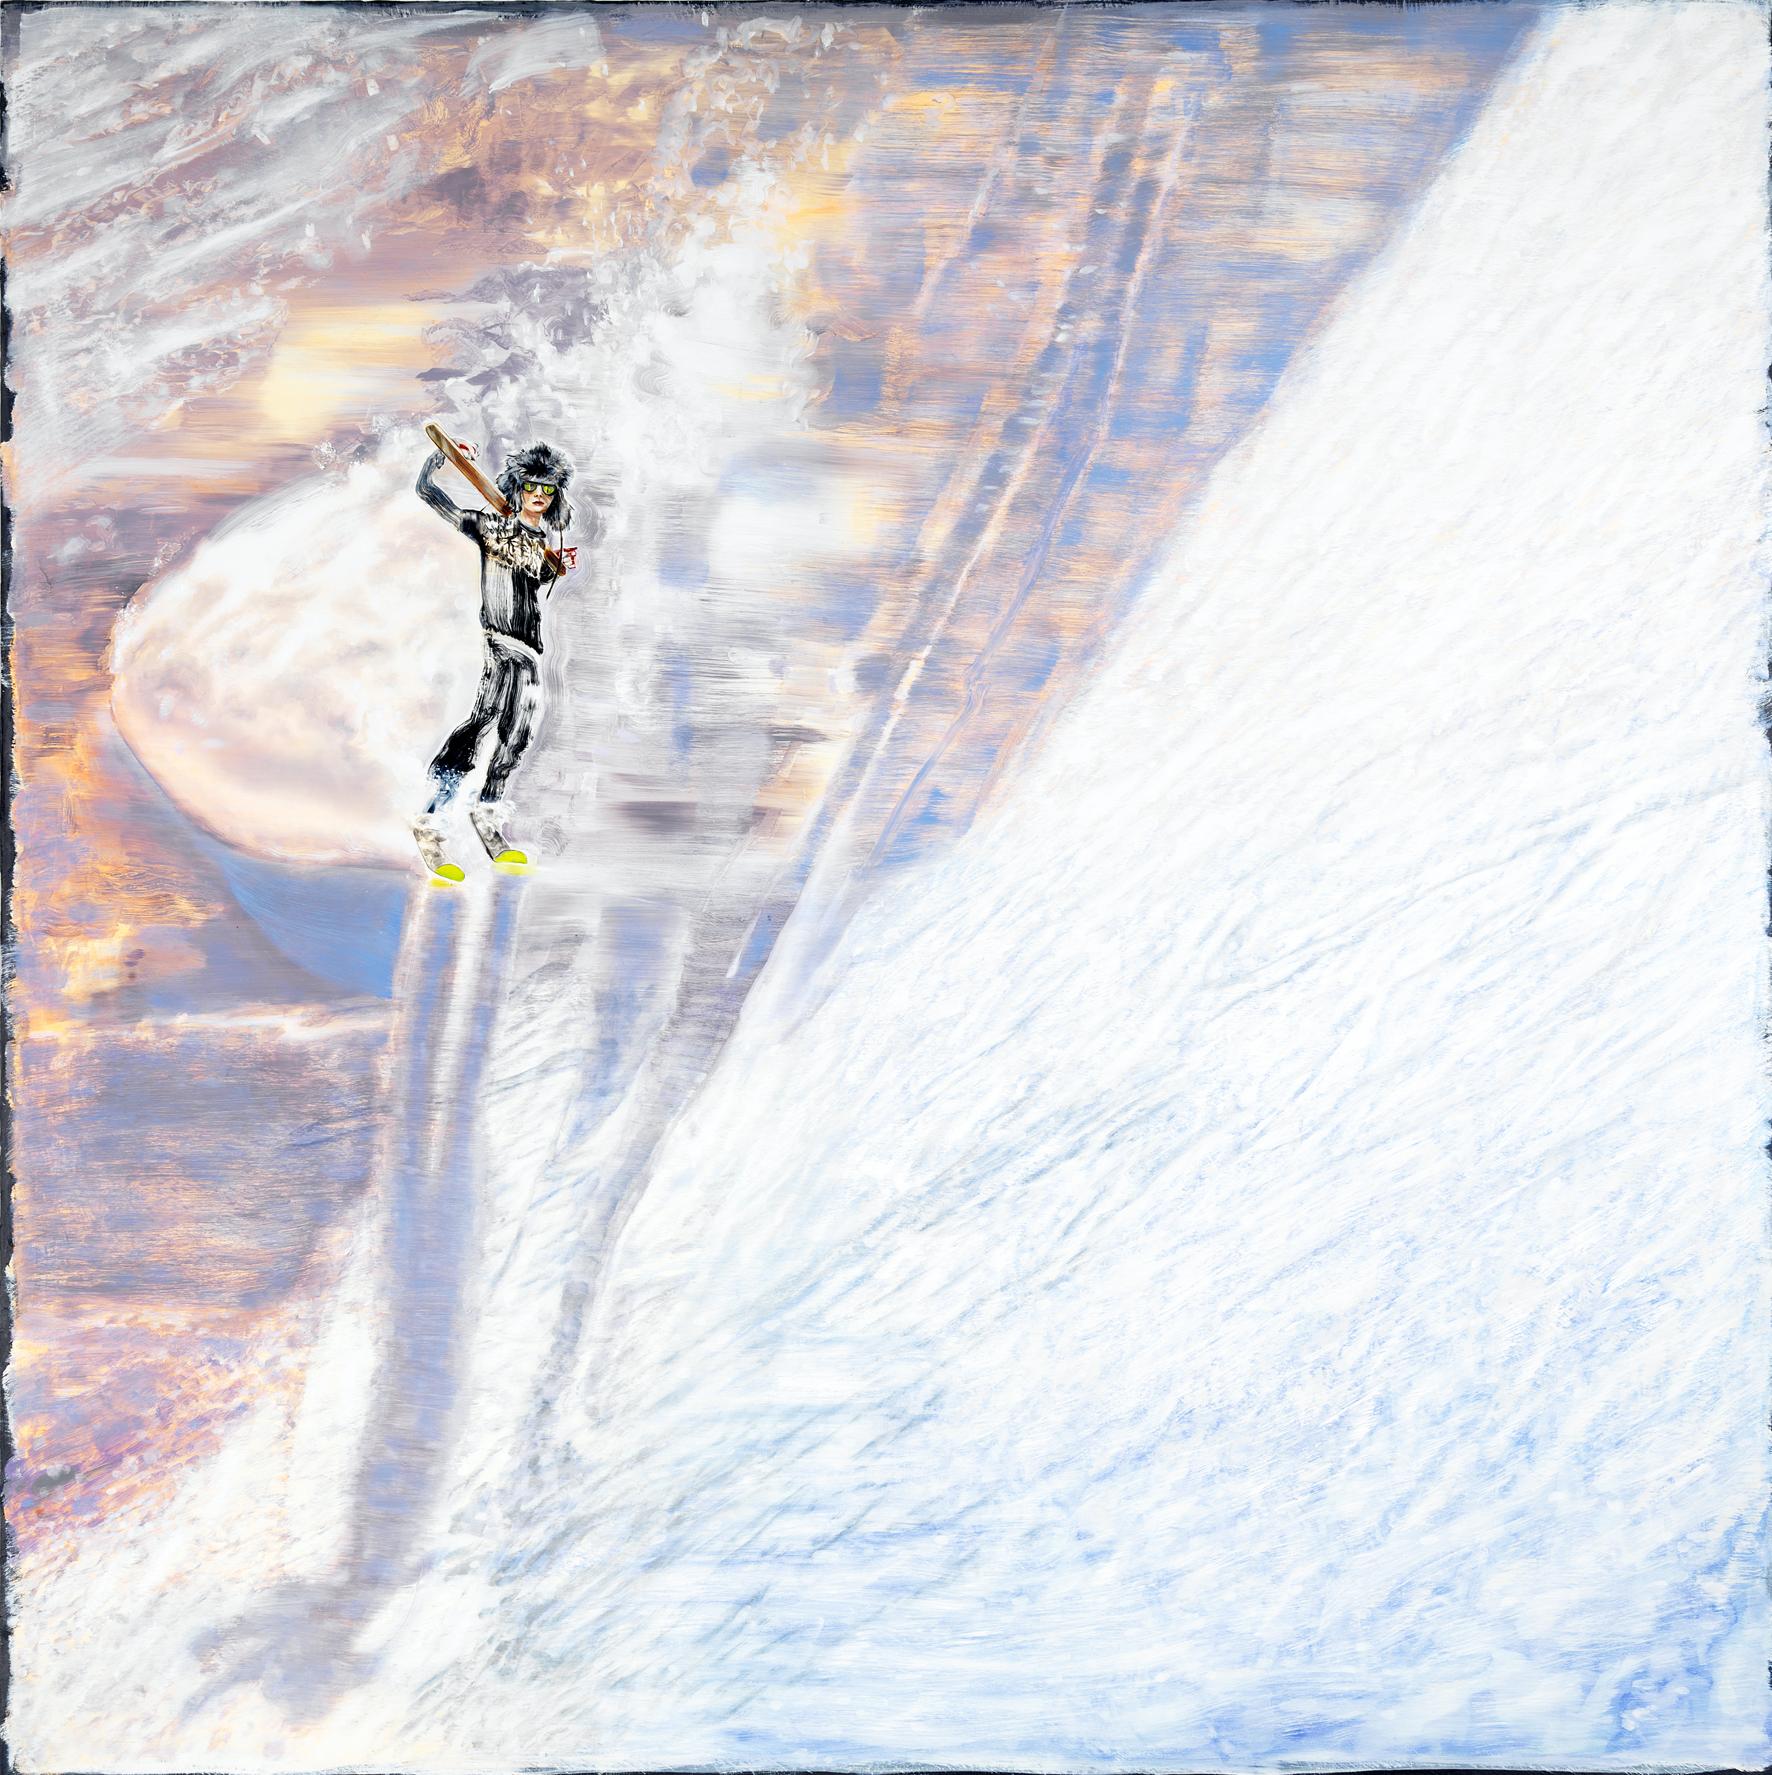 he wrote the lyrics while skiing